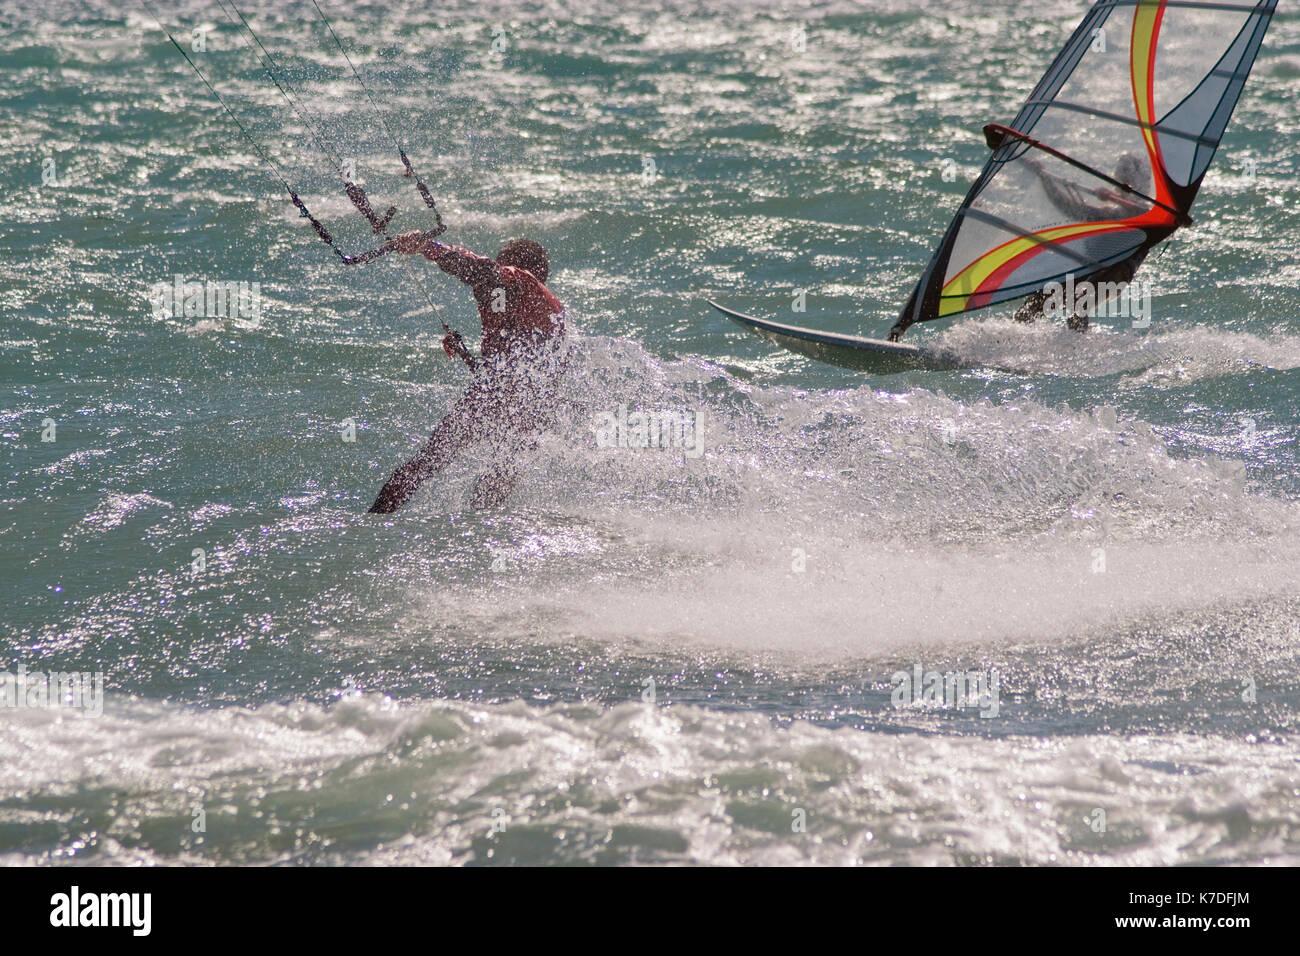 Bobinadora surfer y kite boarder durante un día ventoso en la Riviera Francesa Foto de stock